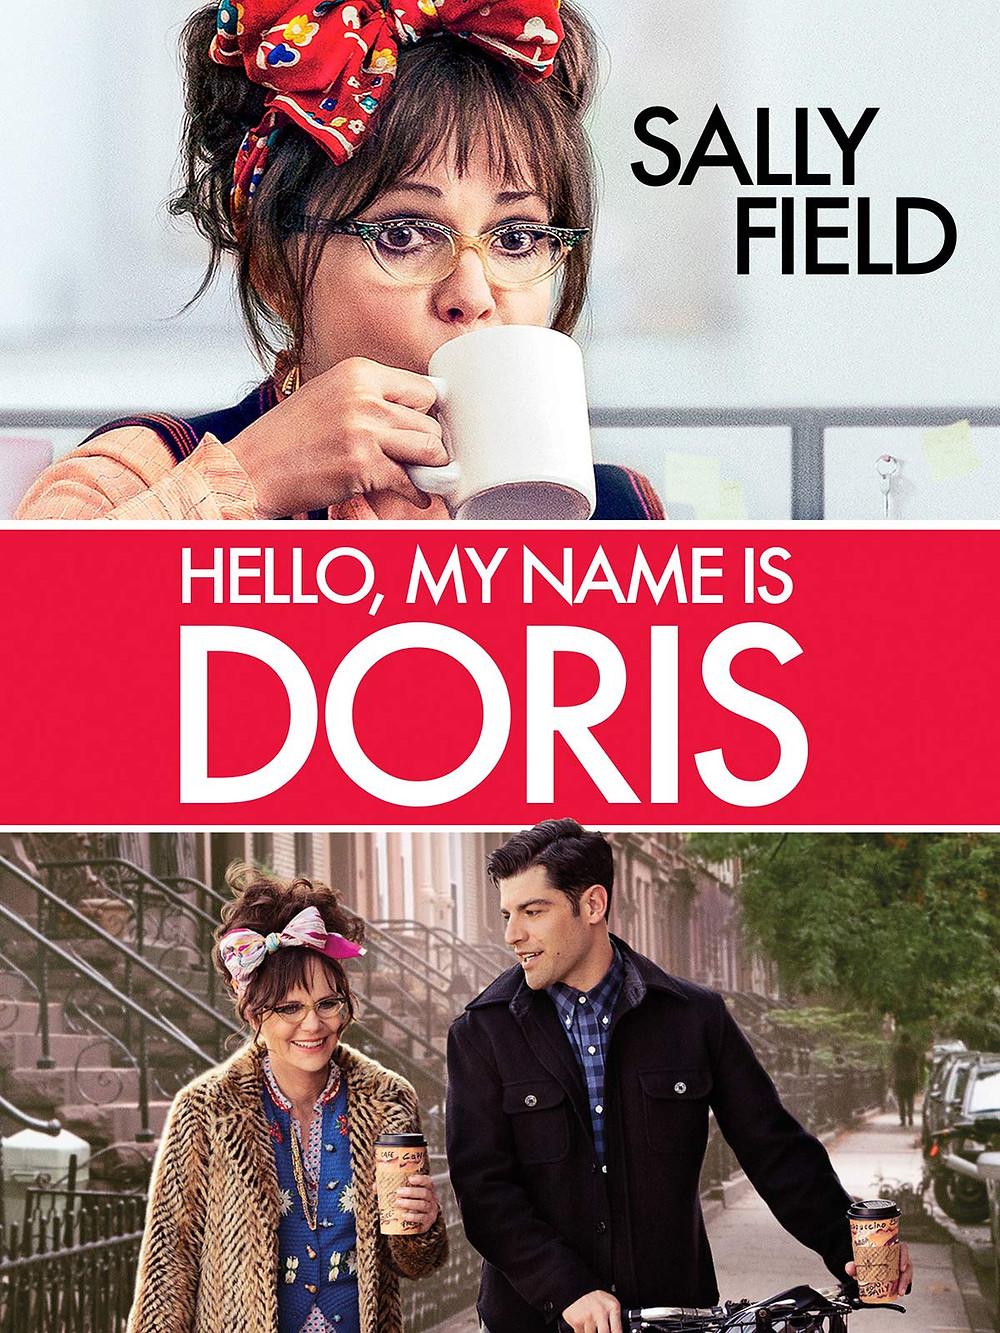 Hello my name is Doris film